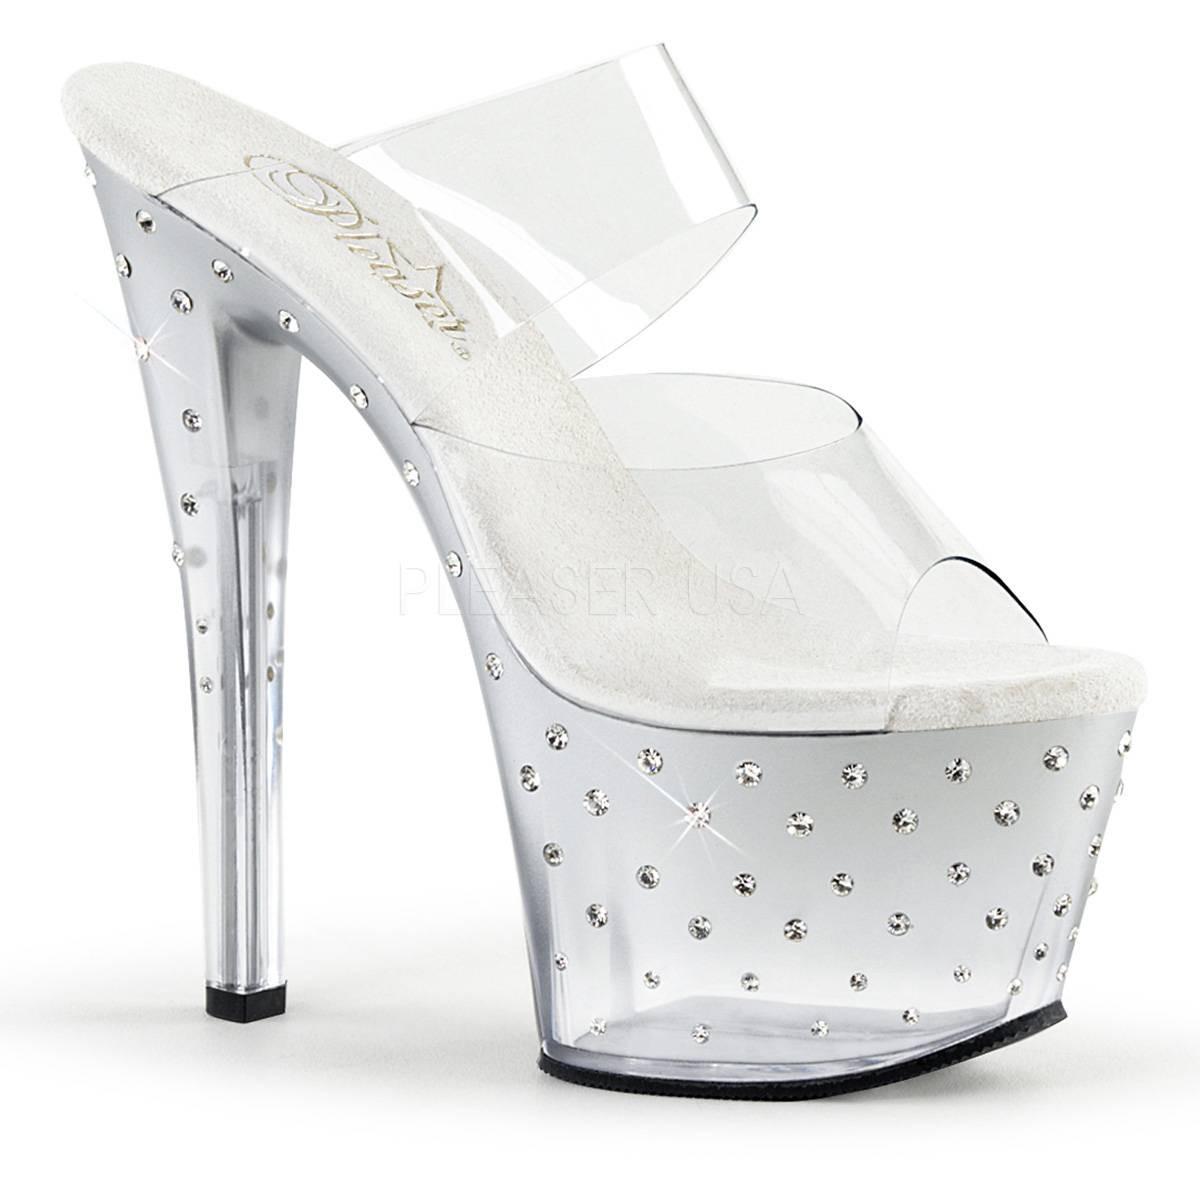 Highheels für Frauen - STARDUST 702T ° Damen Sandalette ° TransparentMatt ° Pleaser  - Onlineshop RedSixty